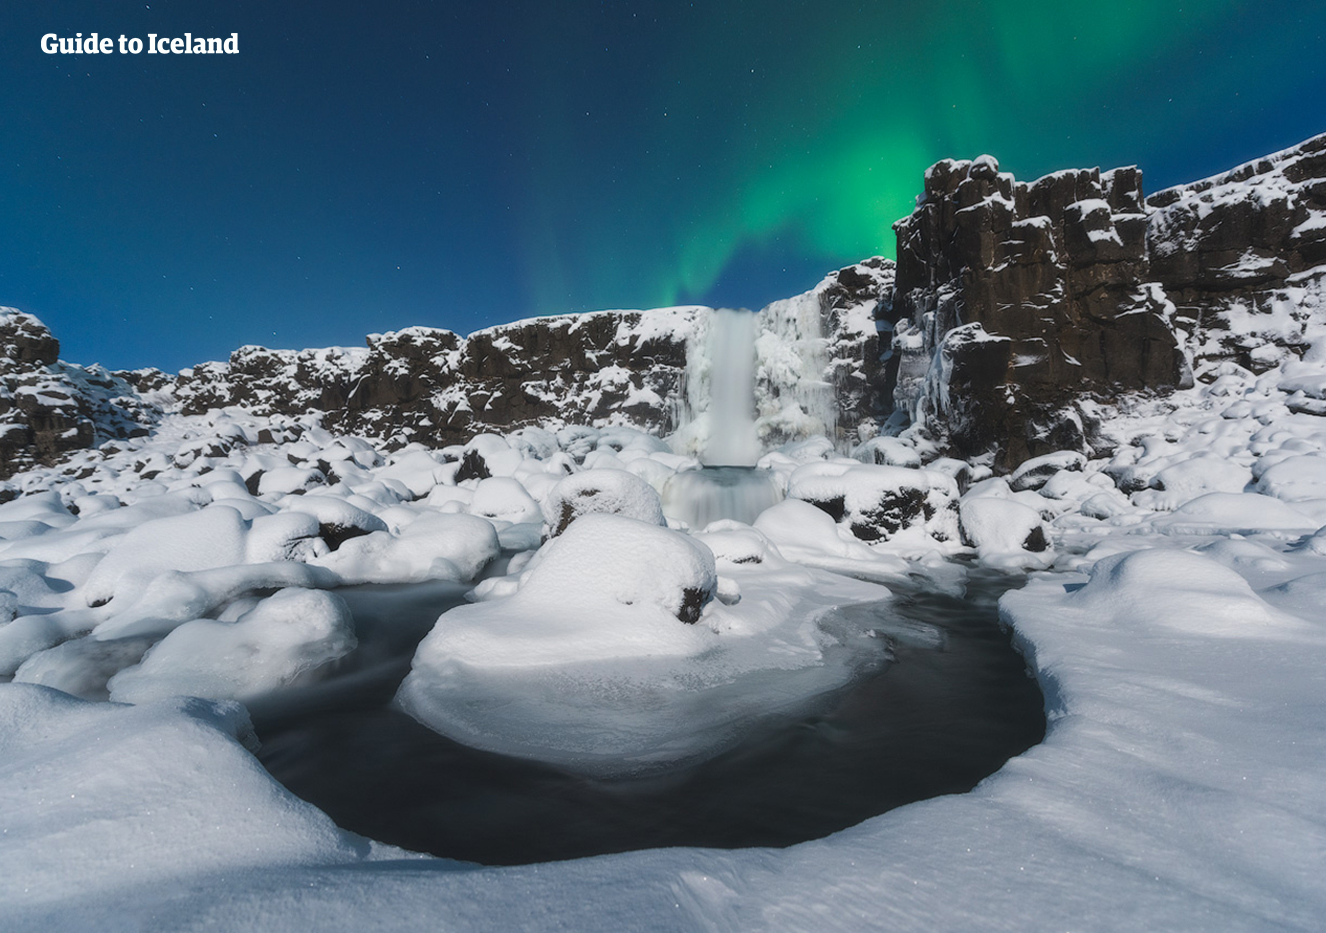 冰封的冰岛冬季景色让著名的黄金圈辛格维利尔国家公园景色显得更为壮丽